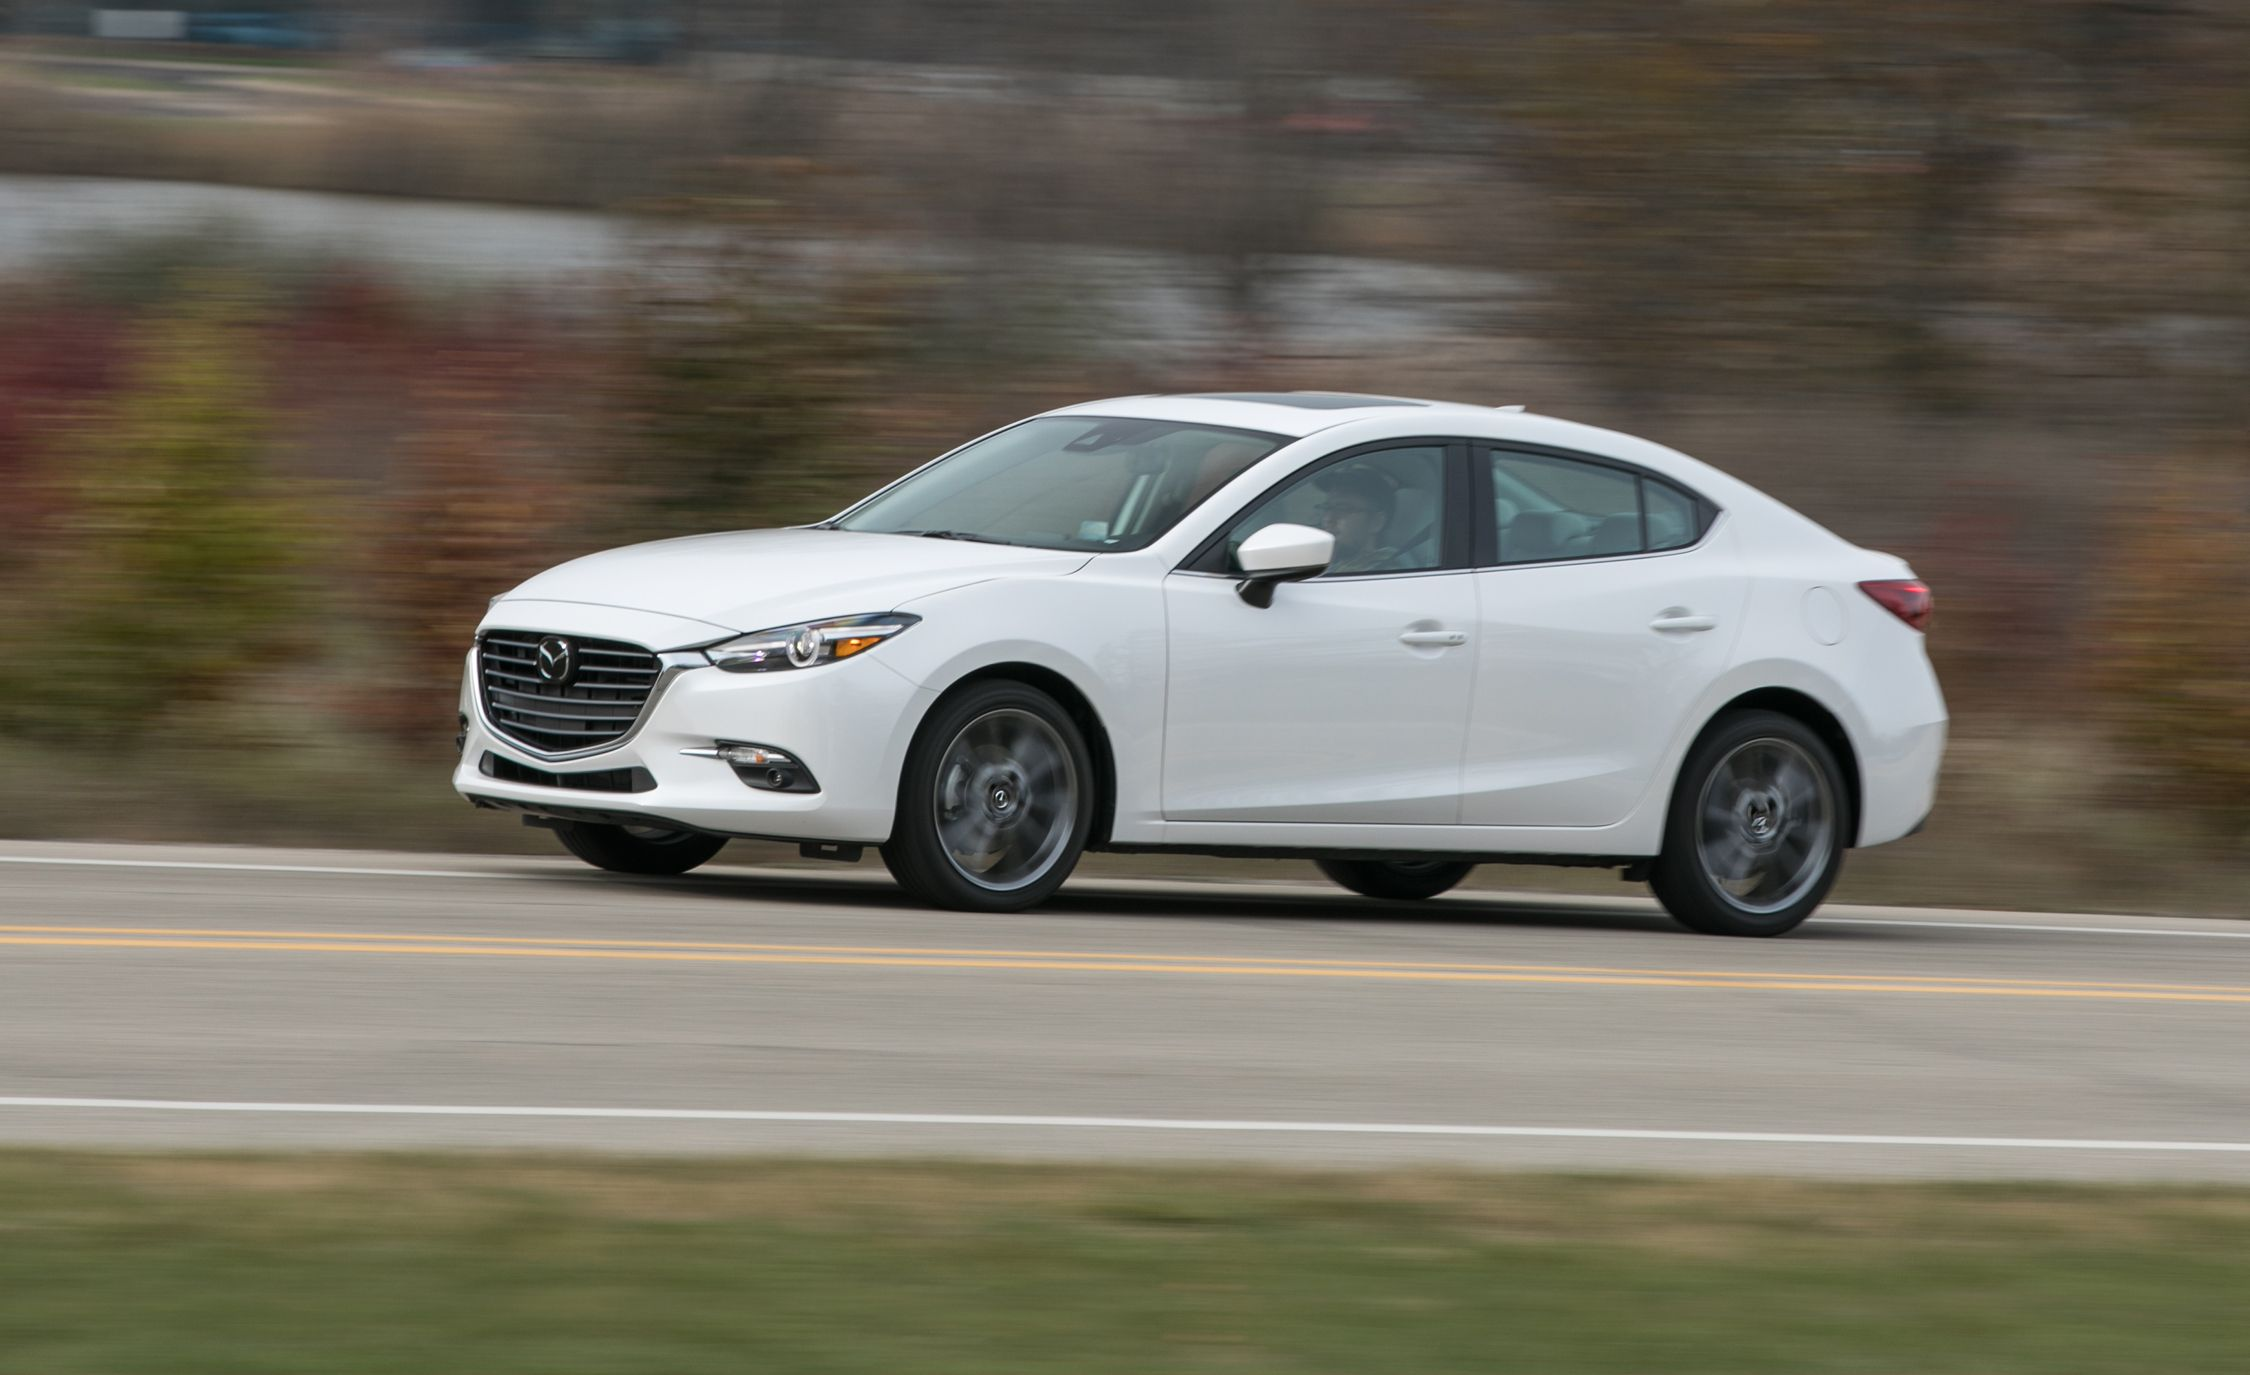 Kelebihan Mazda 3 Sedan 2018 Perbandingan Harga